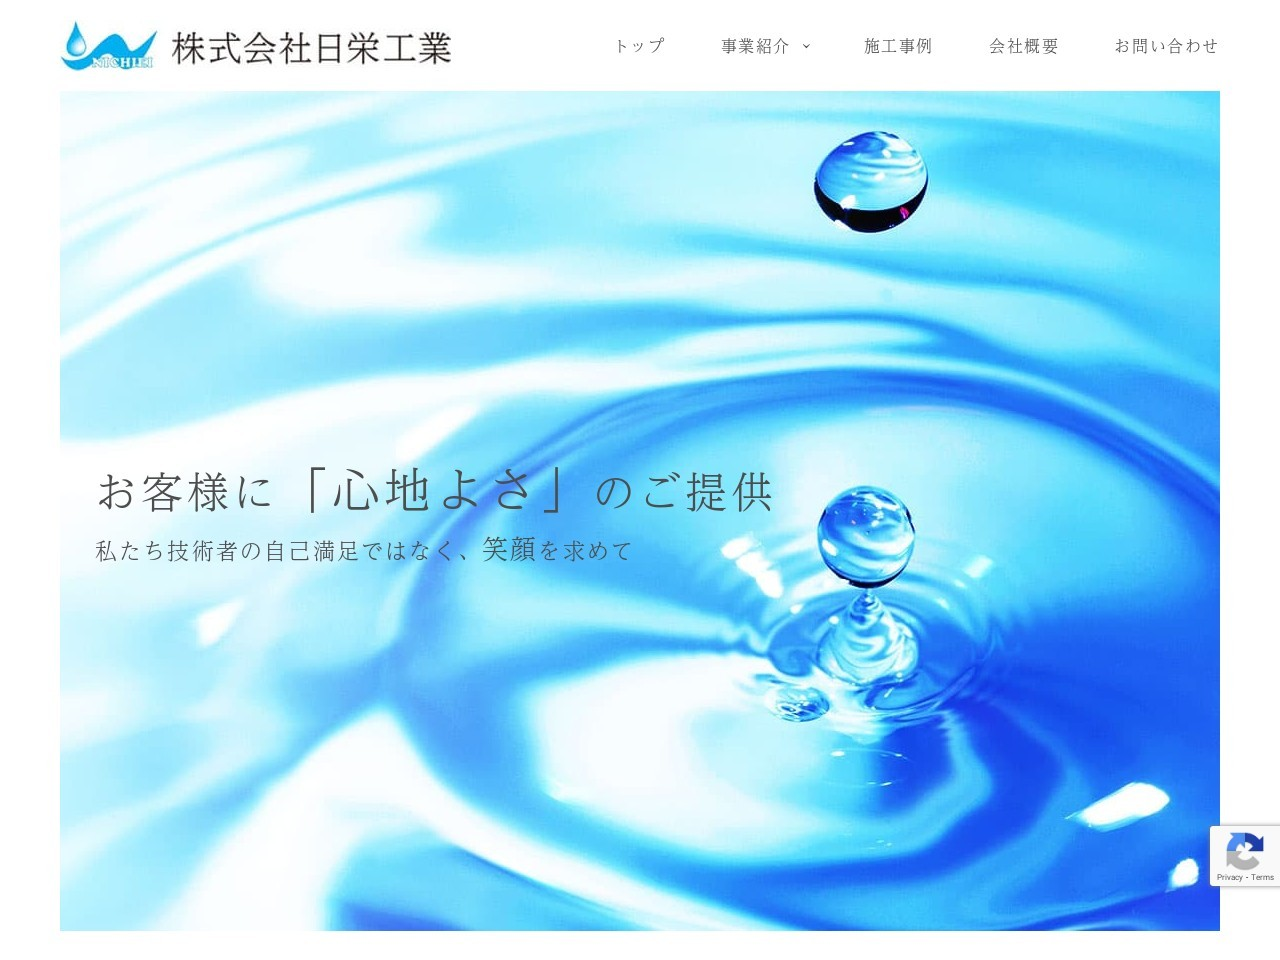 株式会社日栄工業